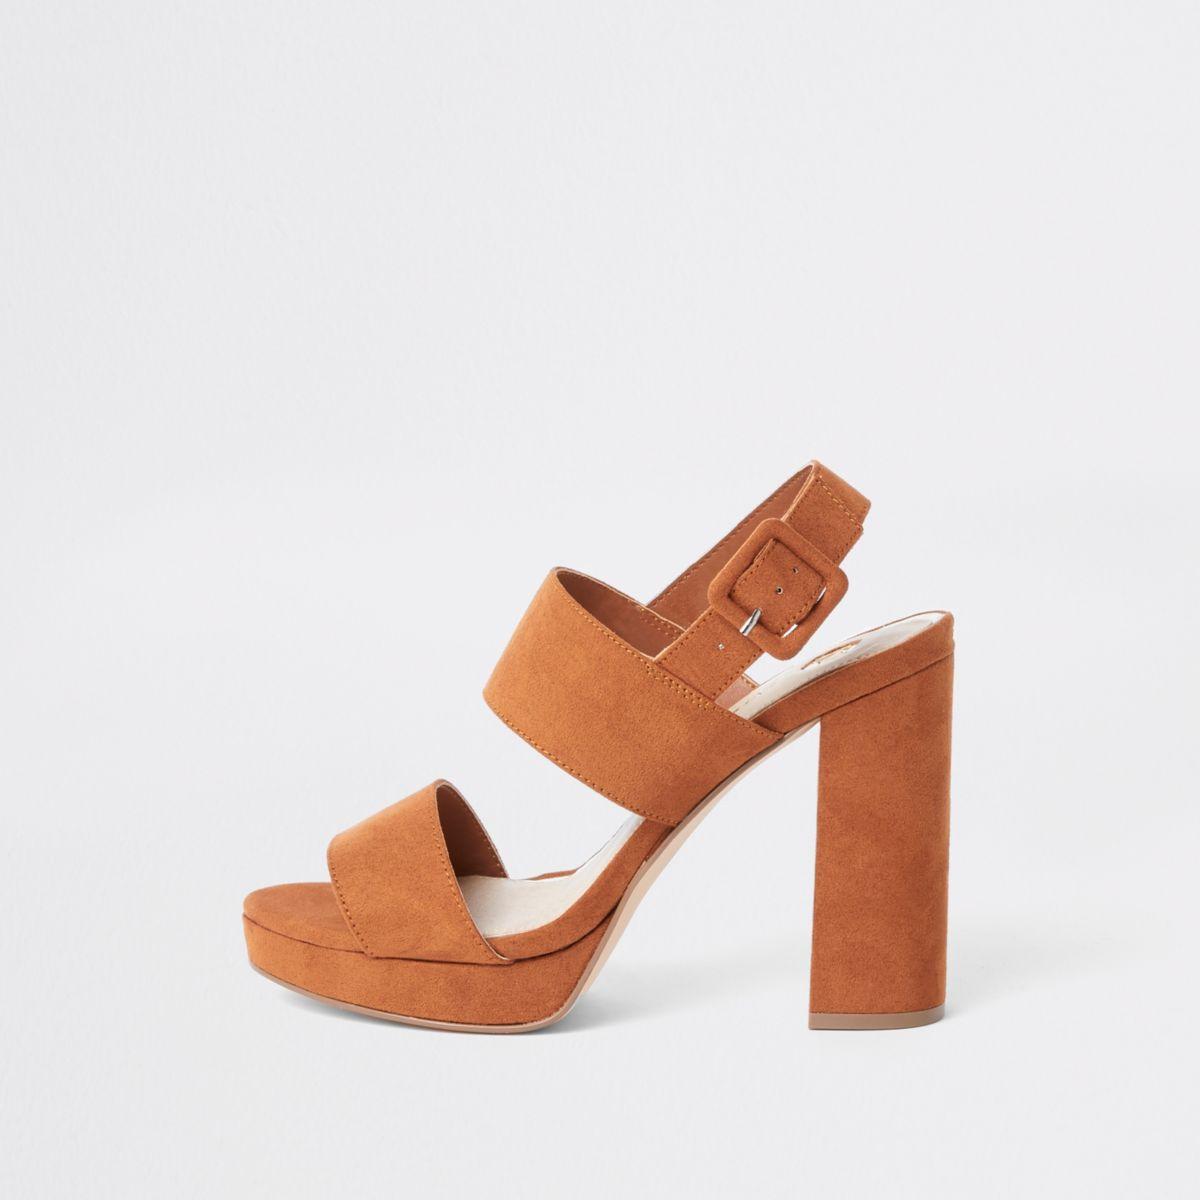 Bruine sandalen met twee bandjes, hak en plateauzool